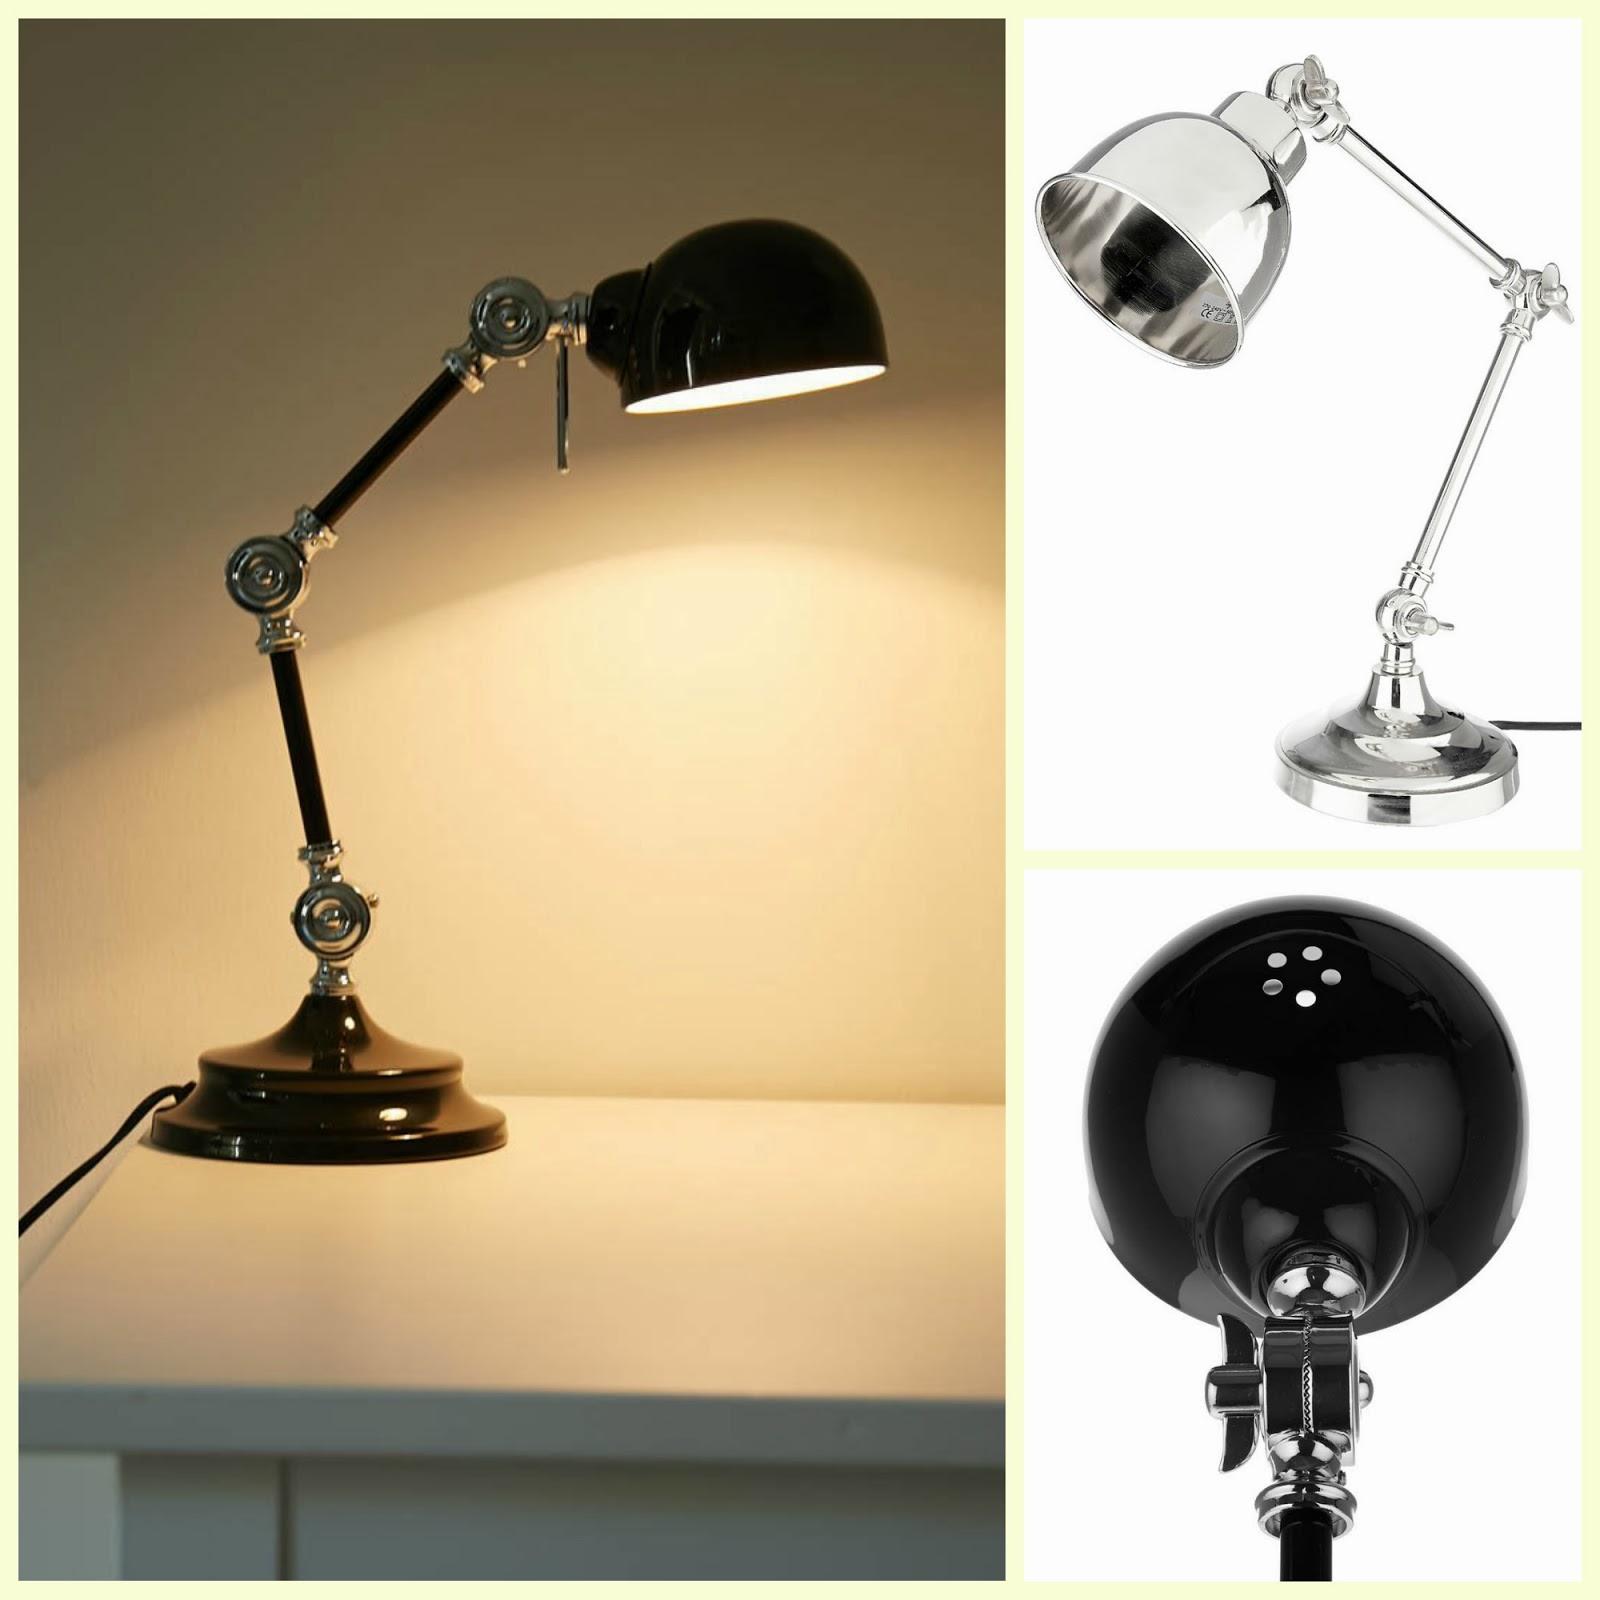 PicMonkey+Collage+lampe Verwunderlich Lampen Für Den Garten Dekorationen